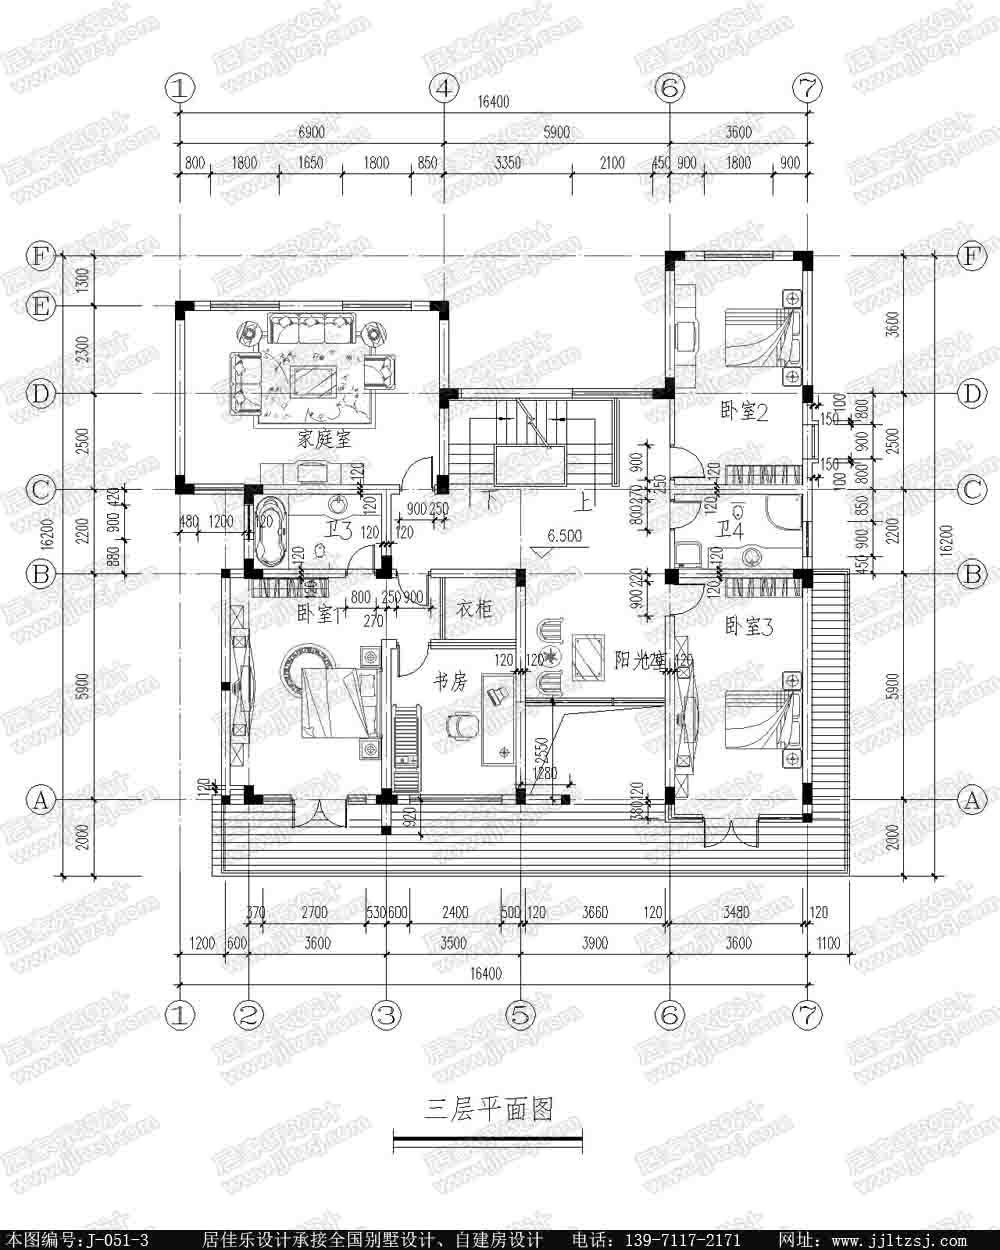 新农村三层自建房别墅设计施工图(现代风格),14.8x15.9米,38-50万